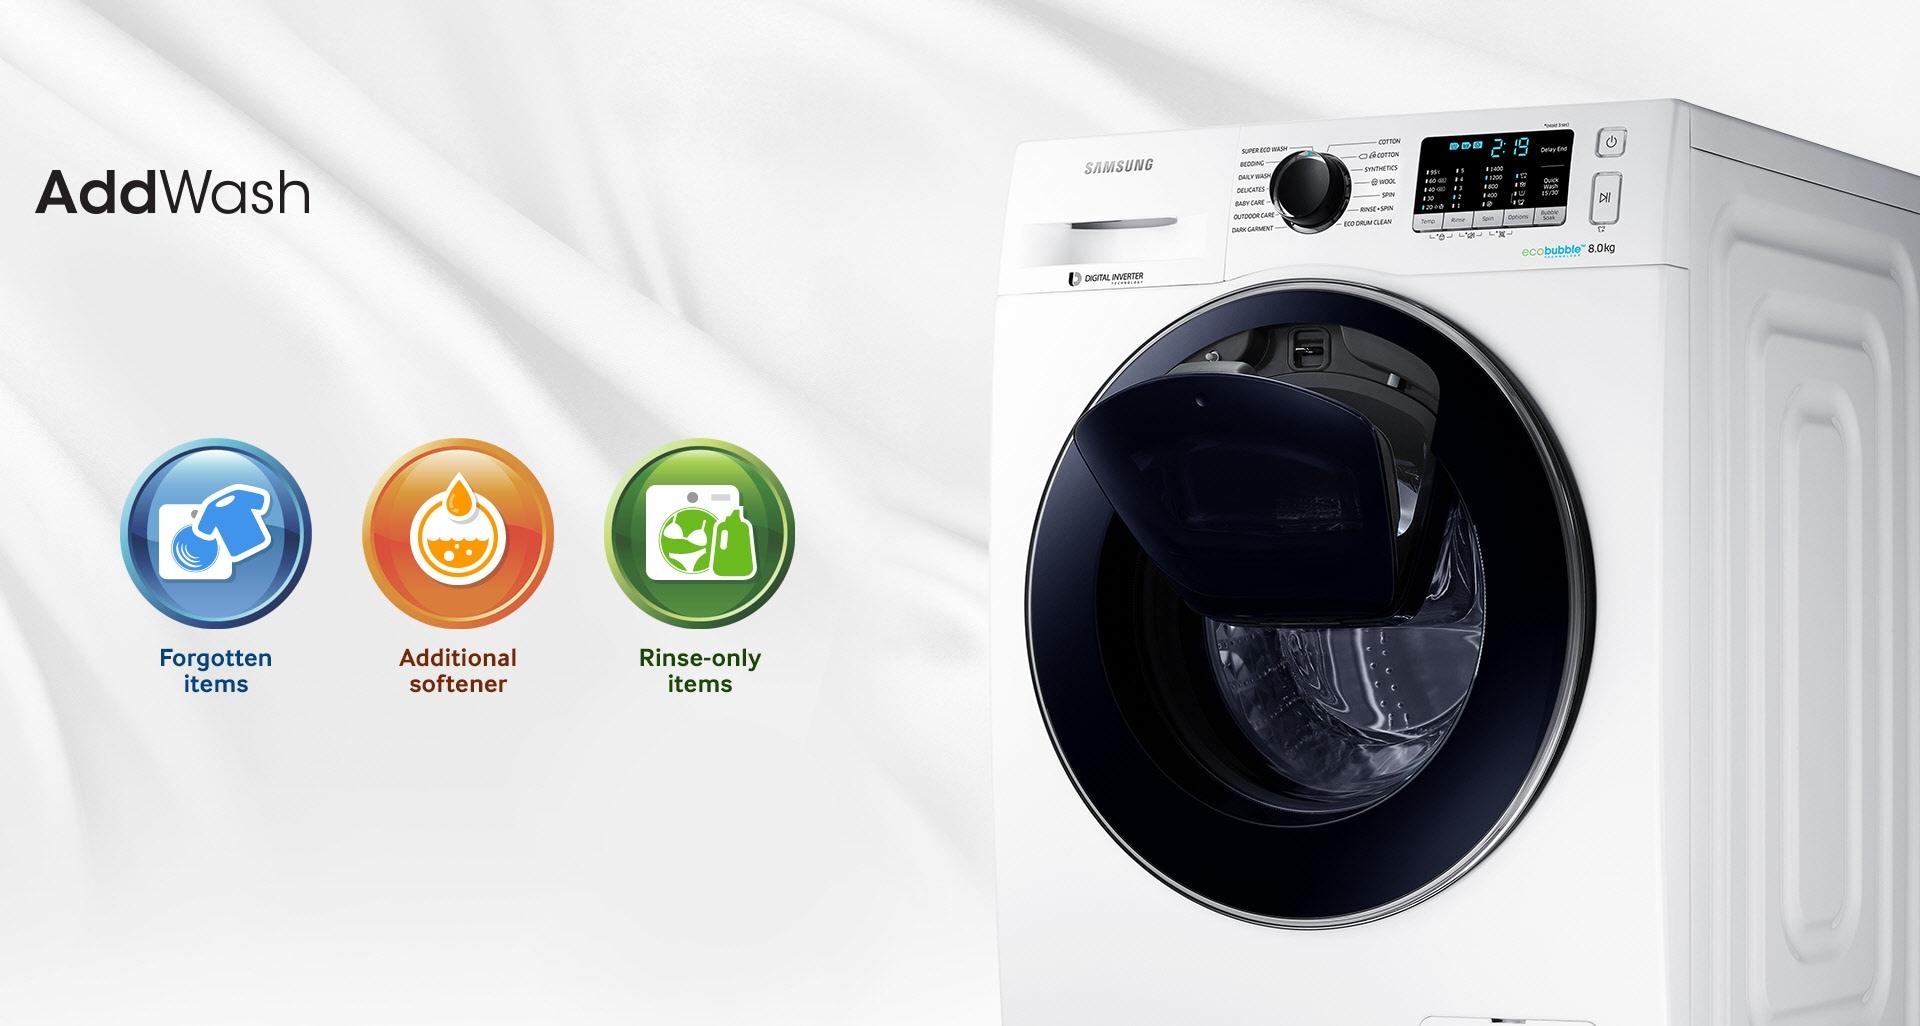 Einfaches Hinzufügen von Wäsche oder Waschmittel während des Waschgangs